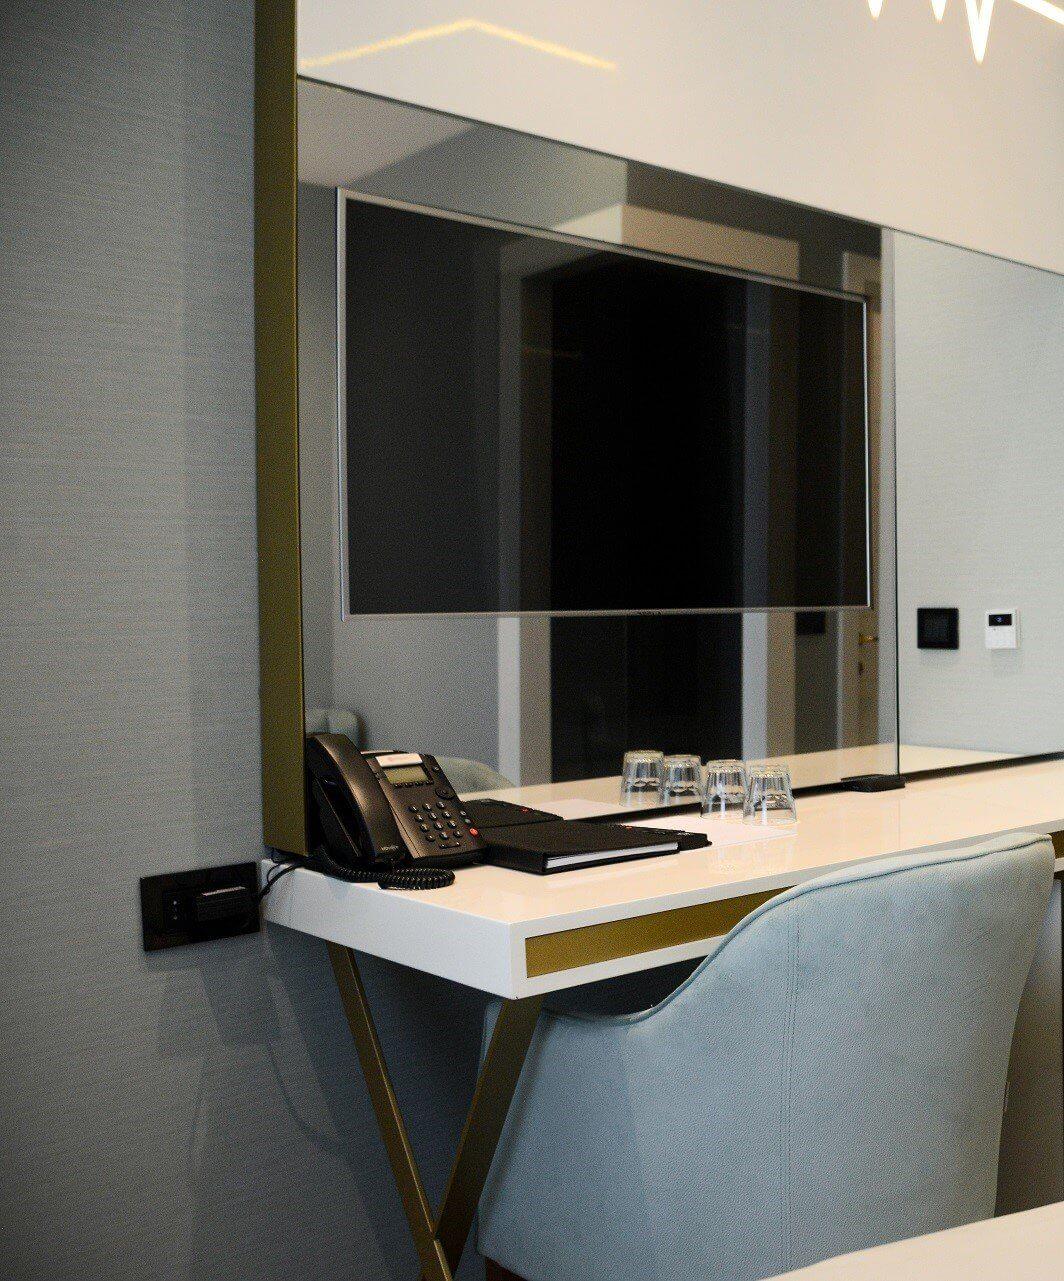 Jednokrevetna soba u Hotelu Pupin u Novom Sadu